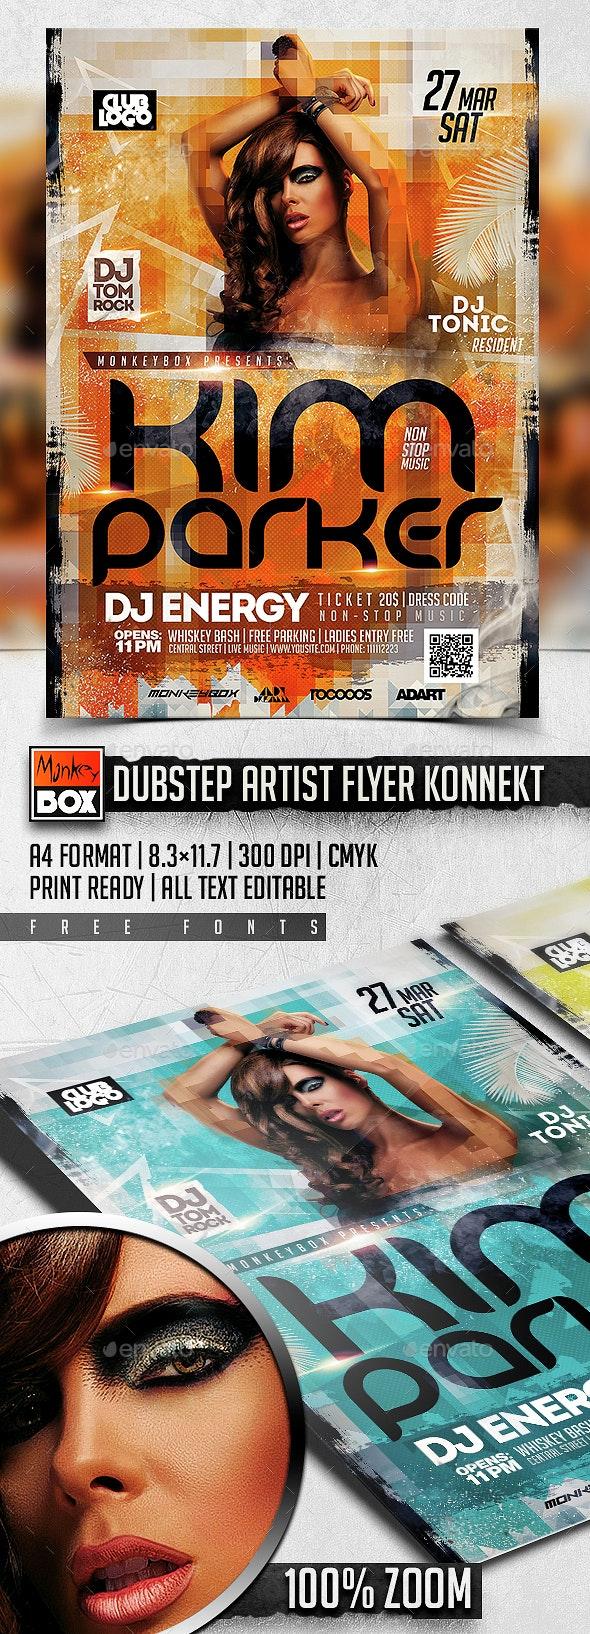 Dubstep Artist Flyer Konnekt - Flyers Print Templates